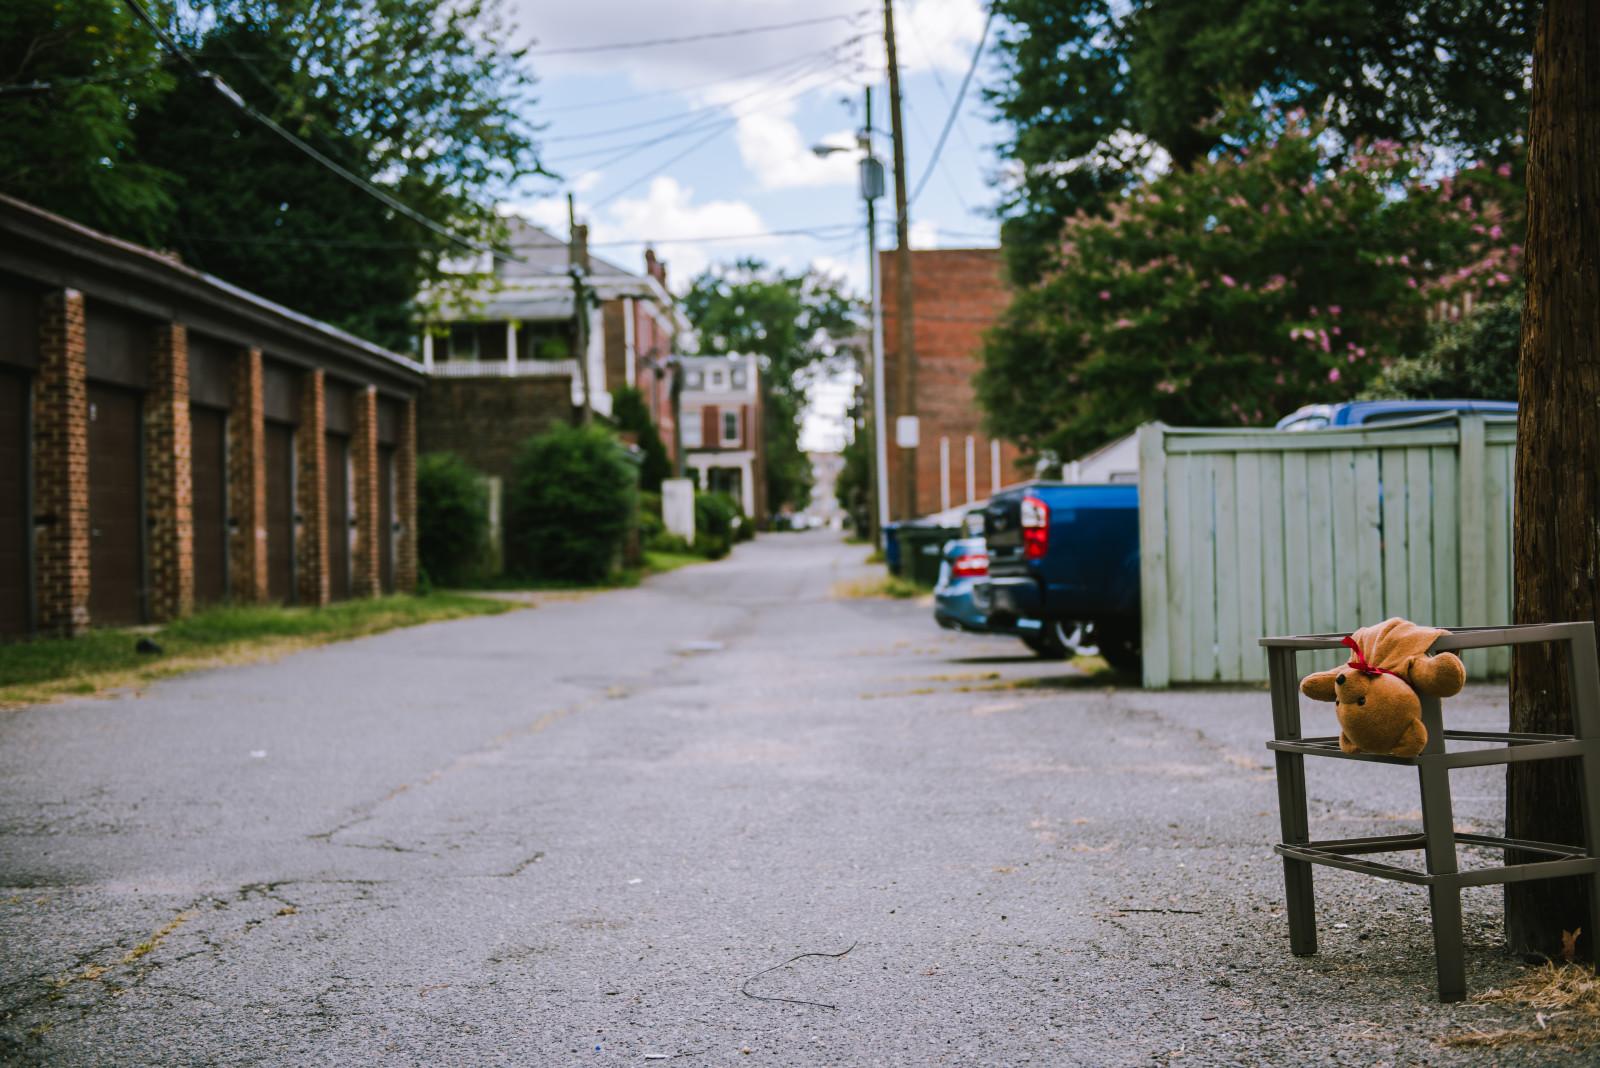 Between N. Mulberry Street and N Boulevard, off of Kensington Avenue.